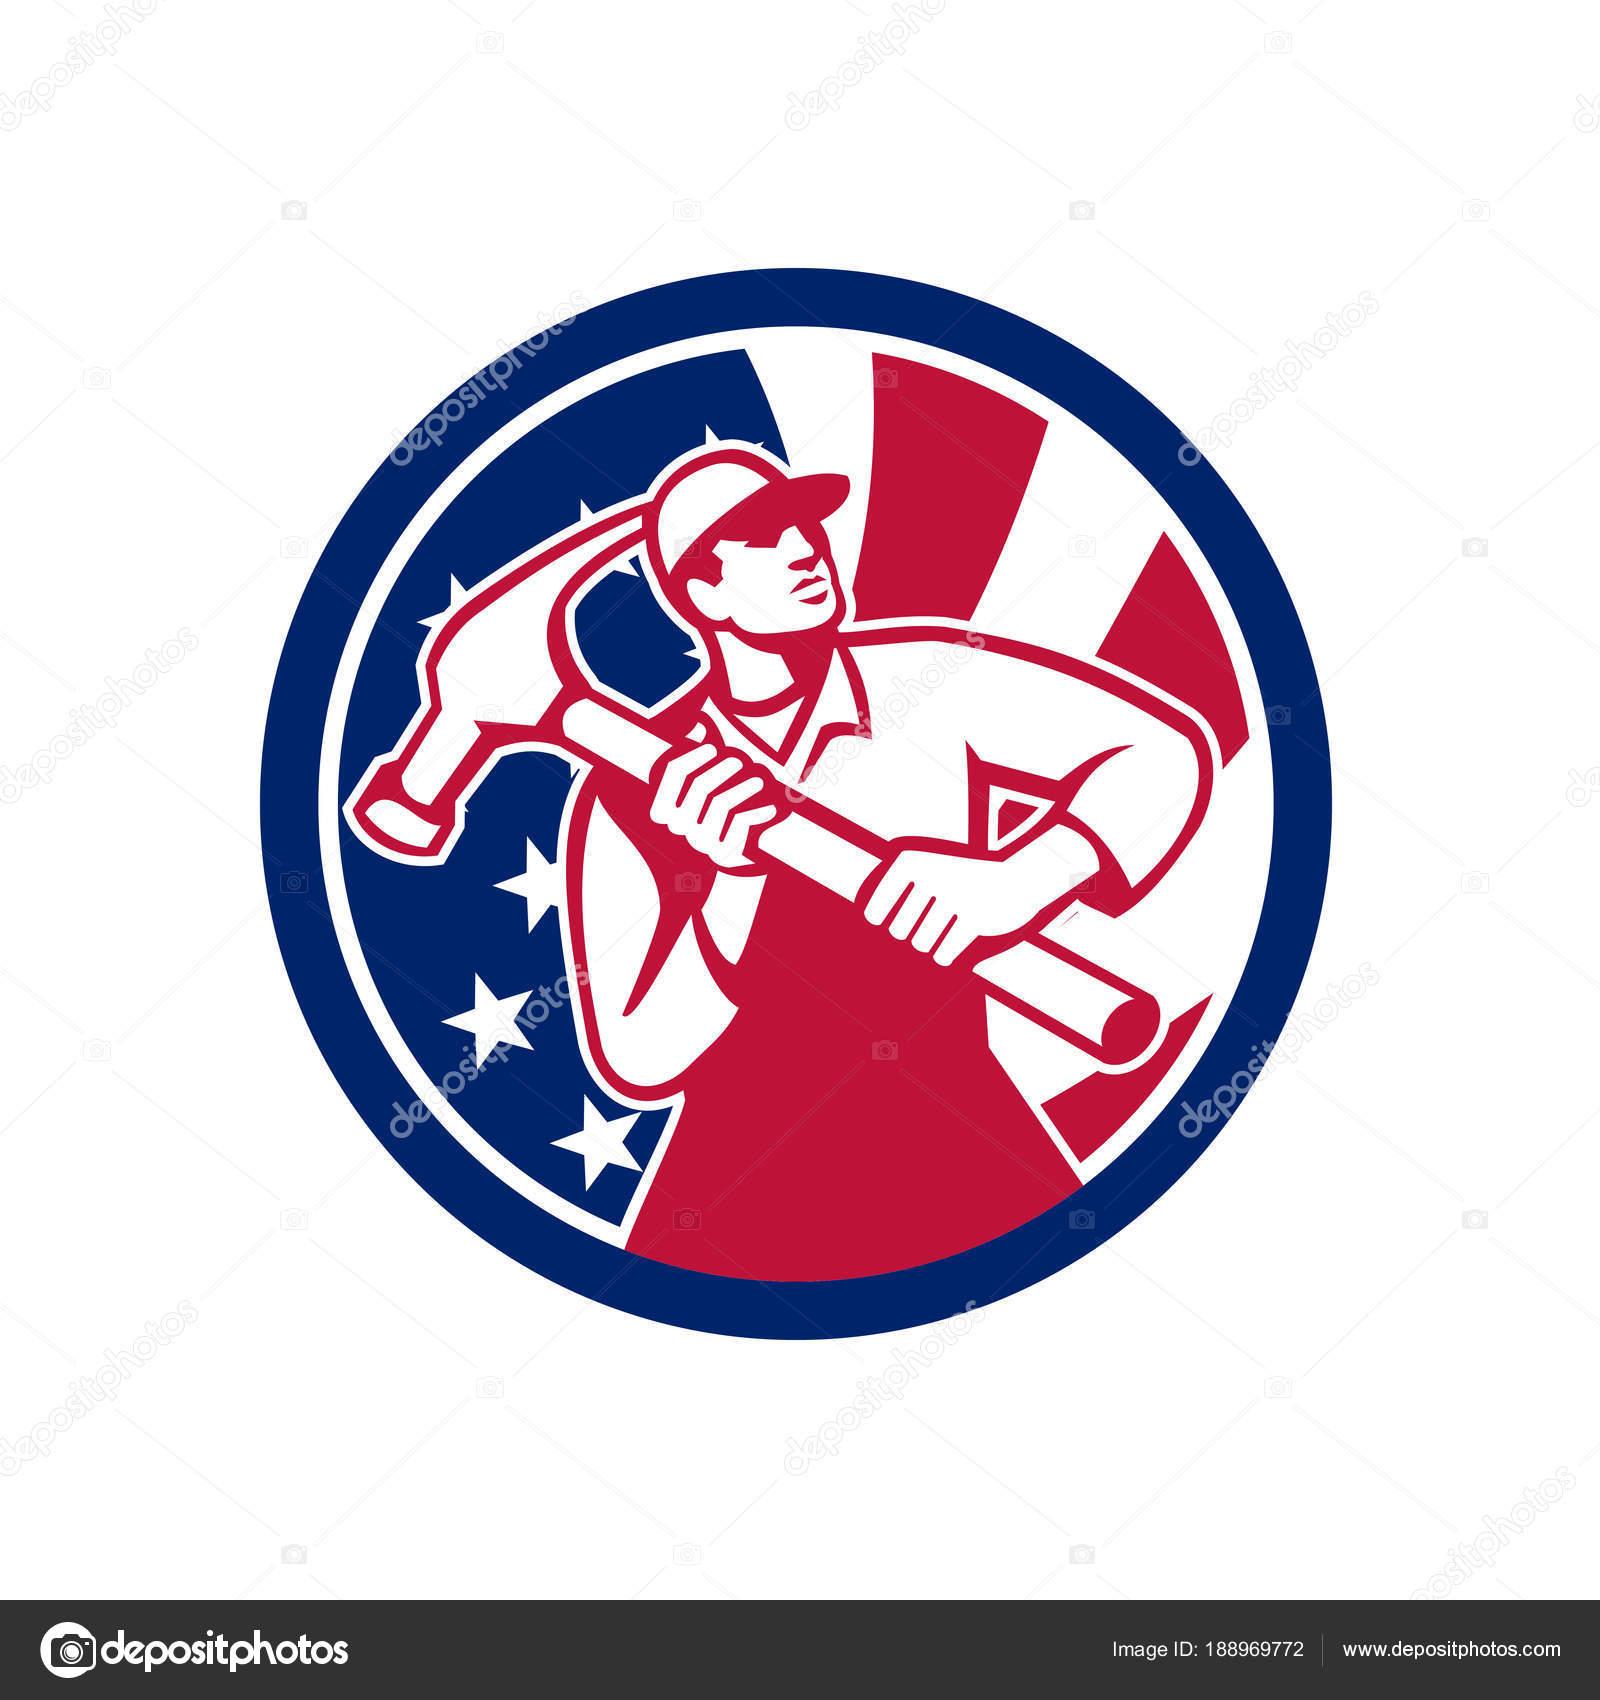 Tischler Zeichen amerikanische handwerker usa flaggen symbol stockvektor